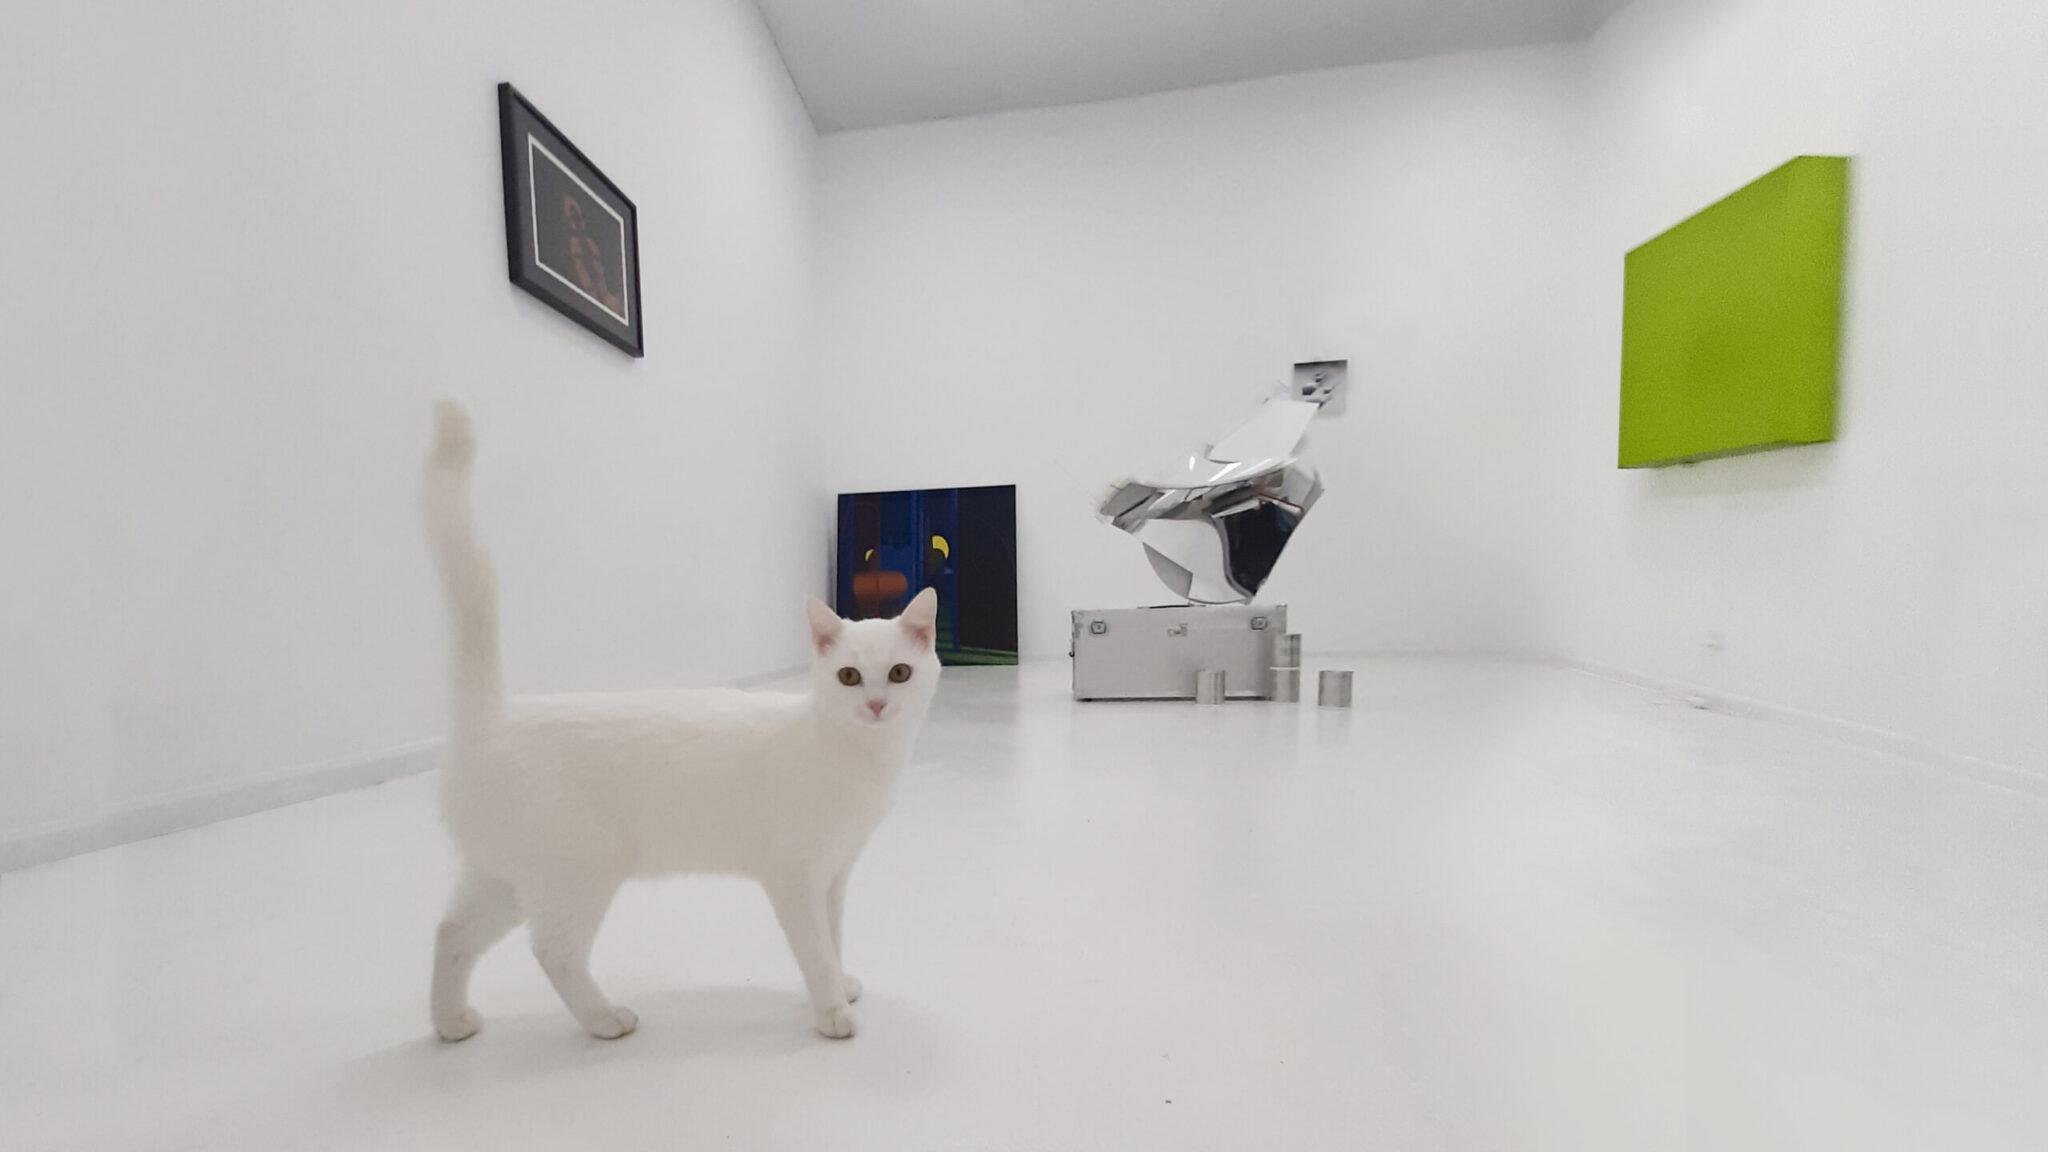 biały kot na wystawie Pustostan w Kąt Kultury